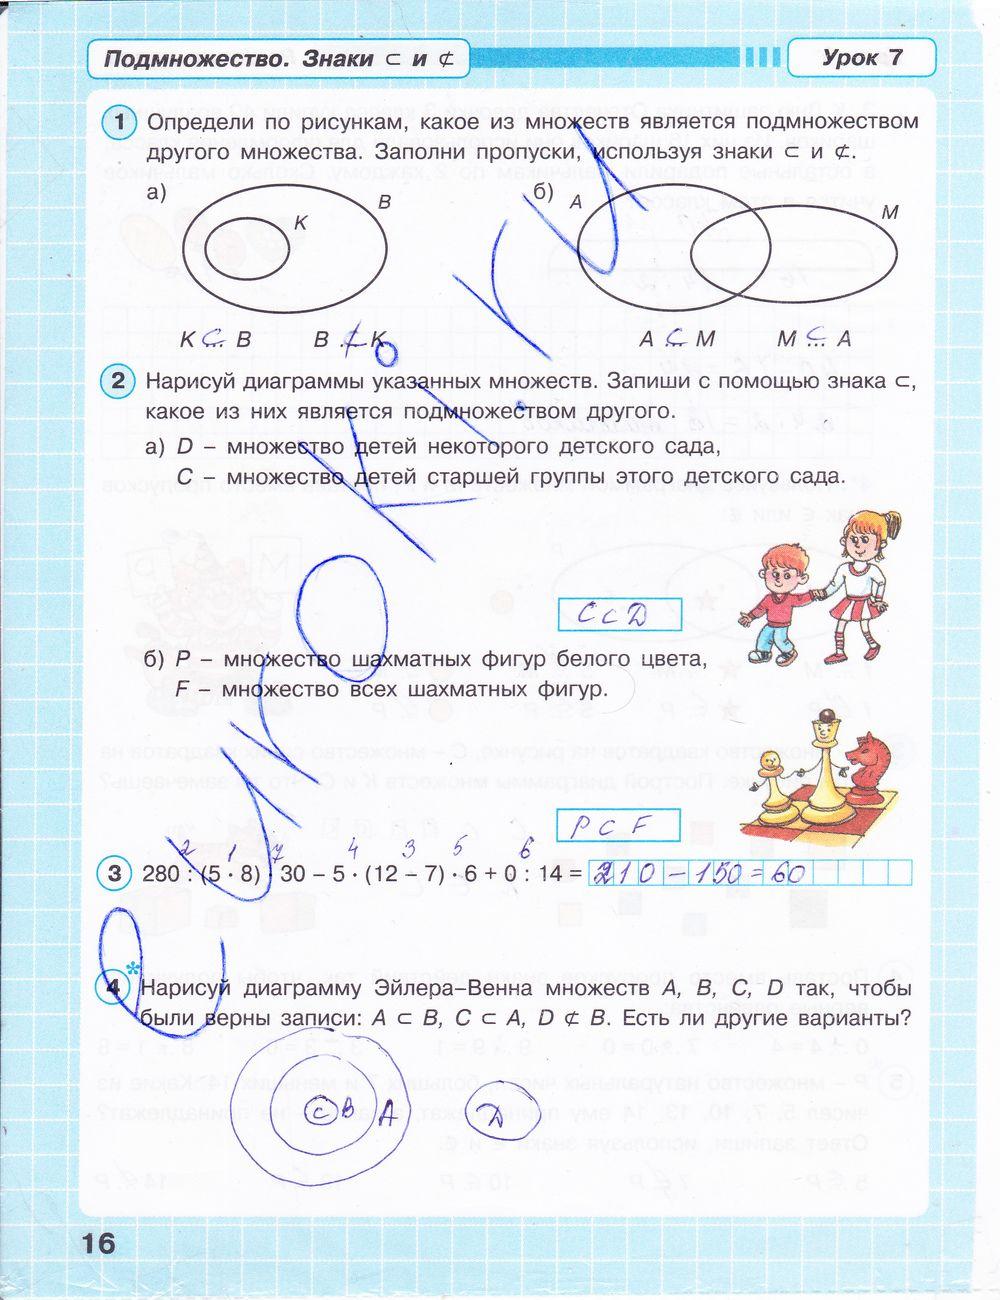 Решебник по английскому языку 11 класс юхнель наумова демченко